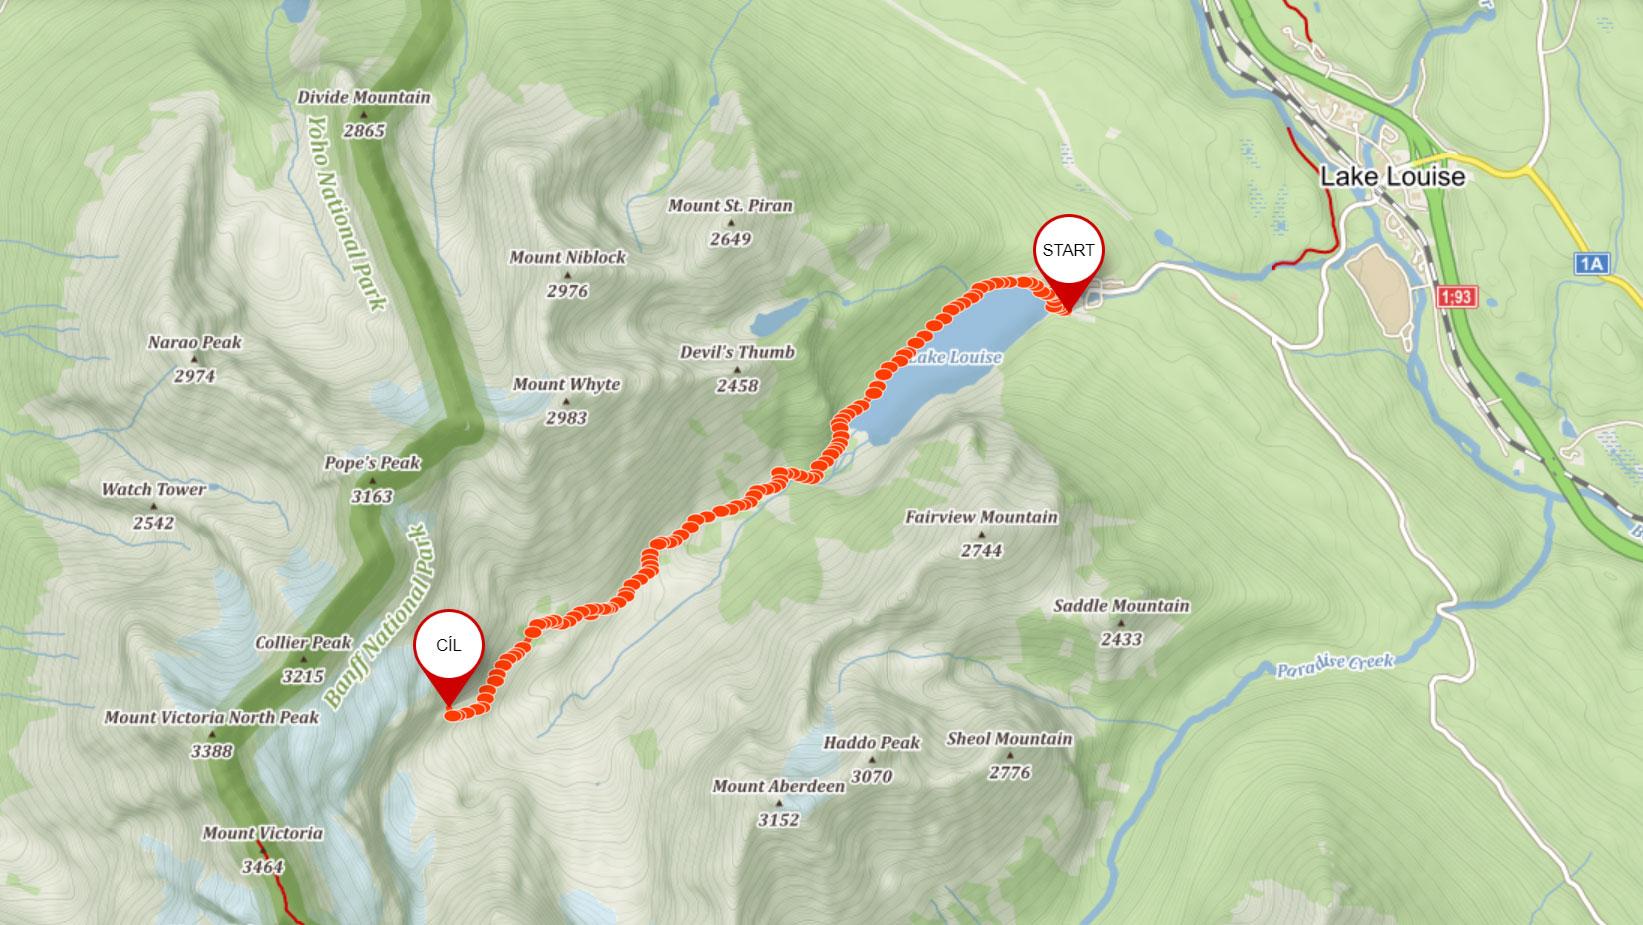 Popisovaná trasa po pláni šesti ledovců u Lake Louise